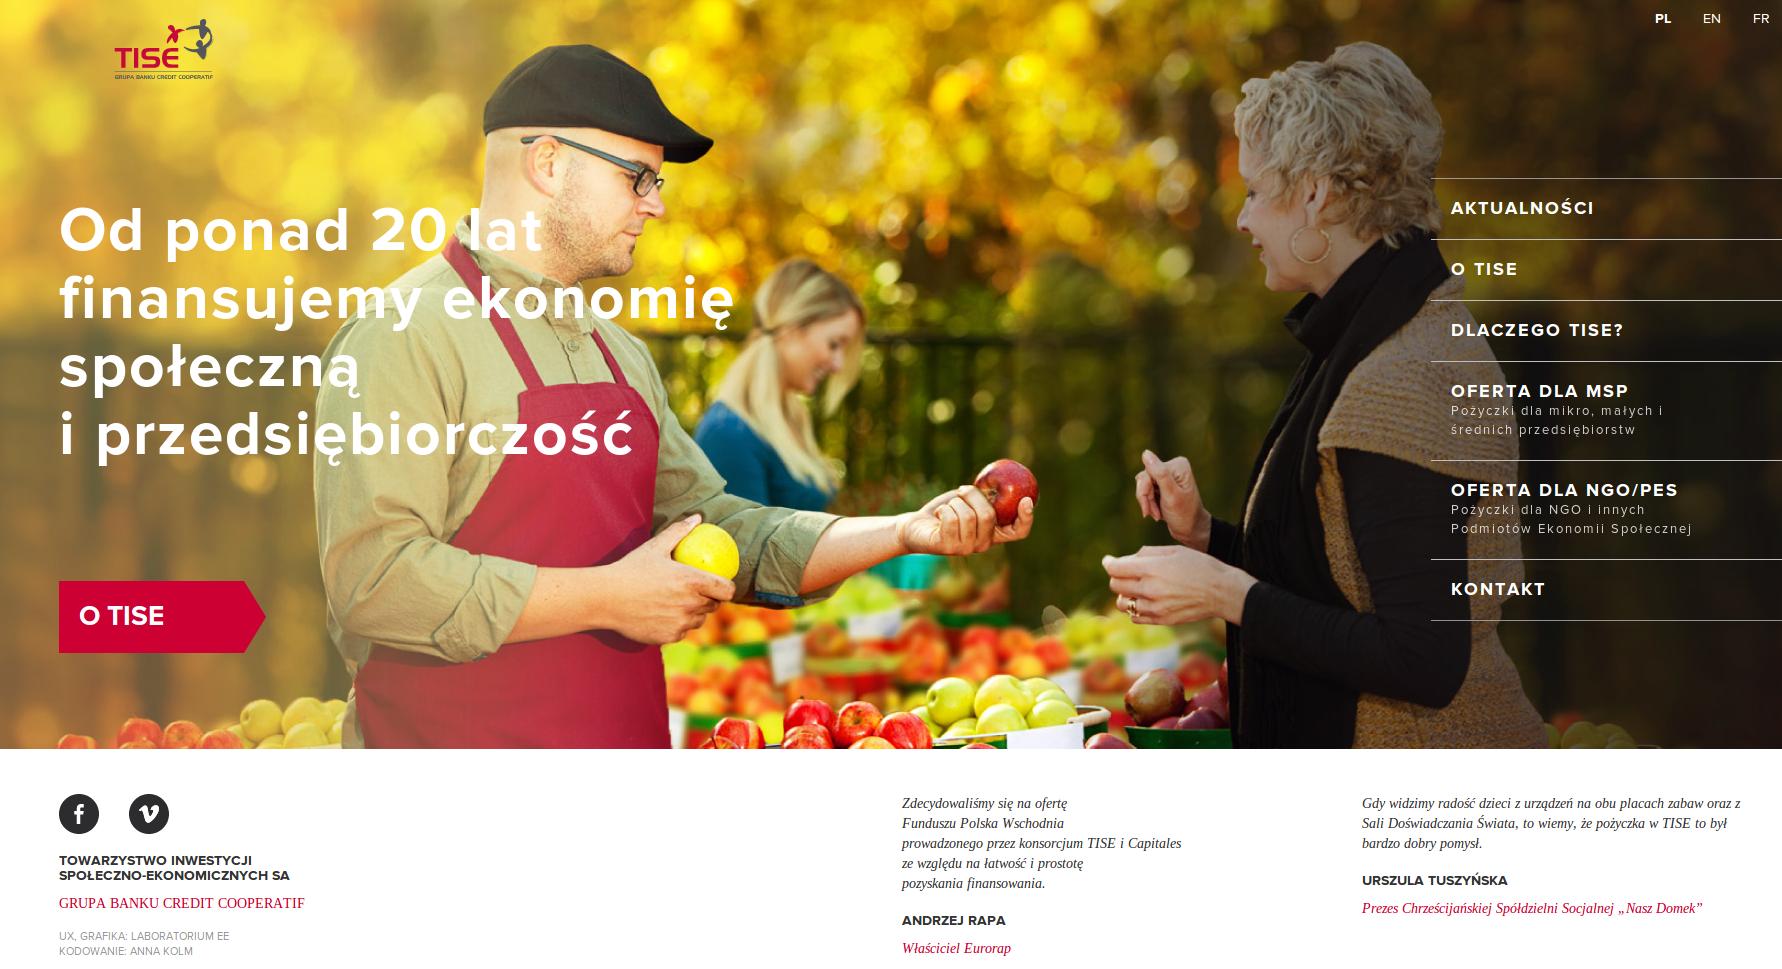 Strona Towarzystwa Inwestycji Społeczno-Ekonomicznych